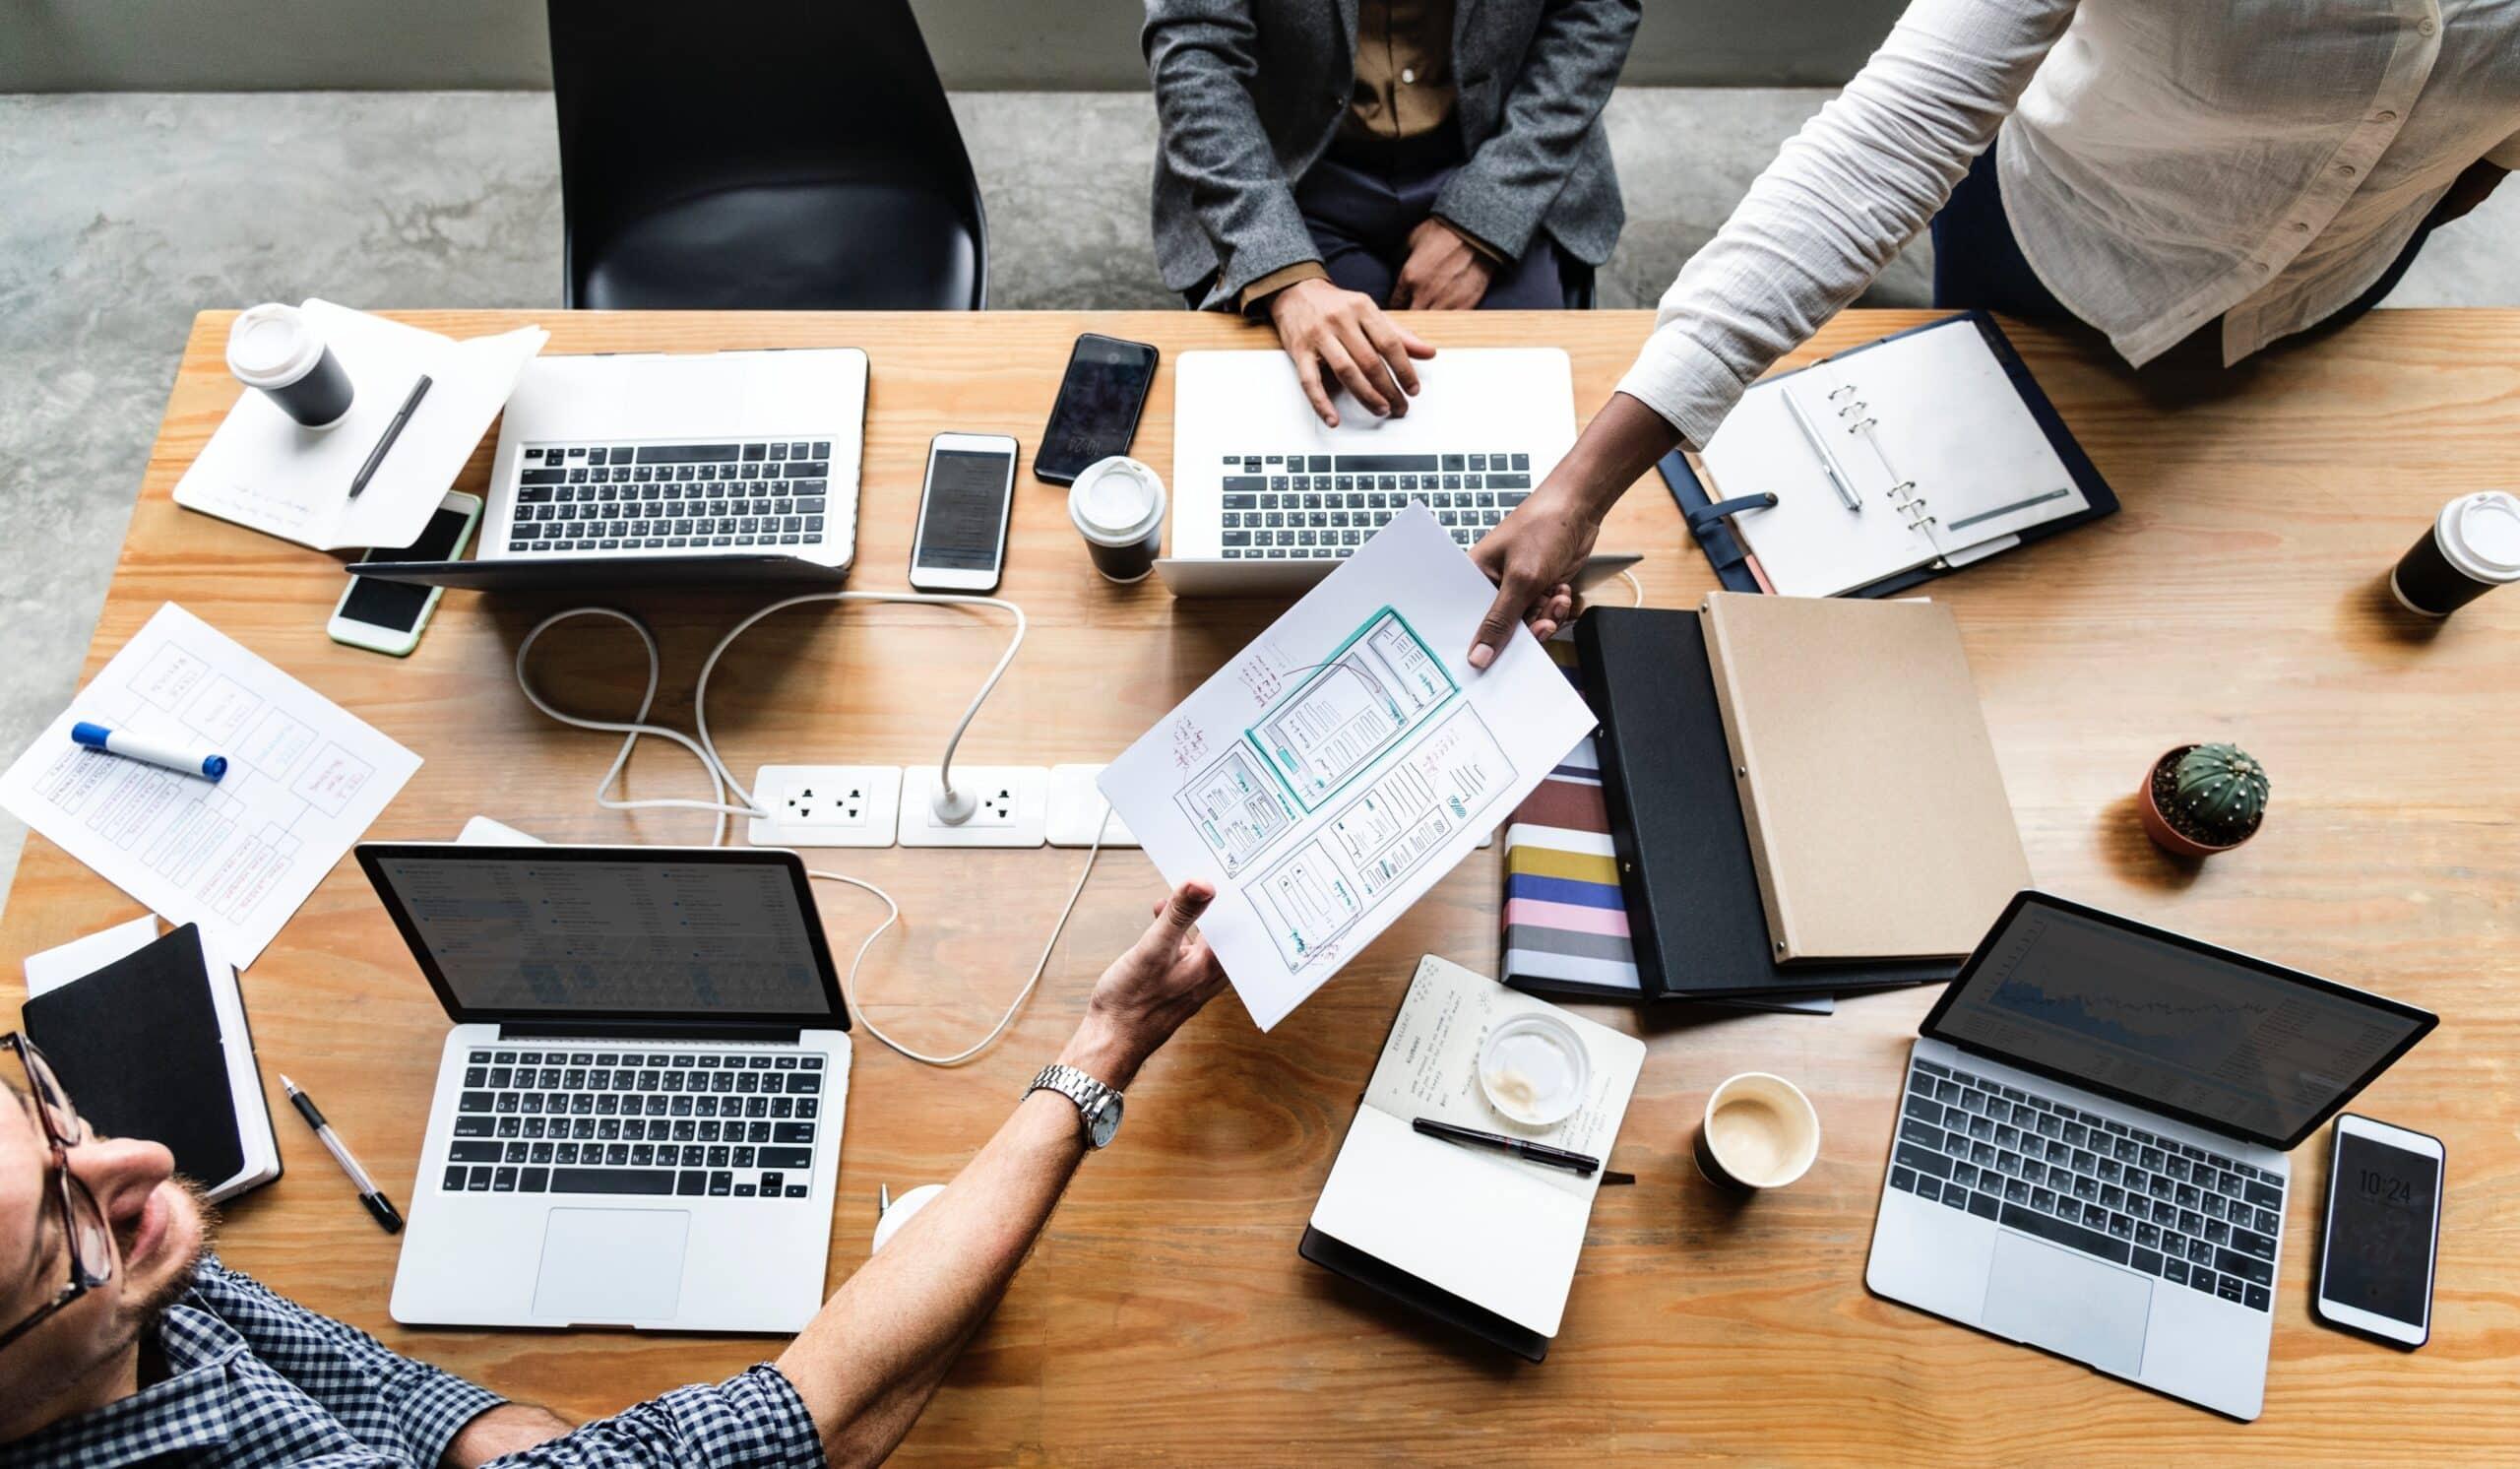 Stratégie de Contenu : Comment construire l'équipe idéale ?